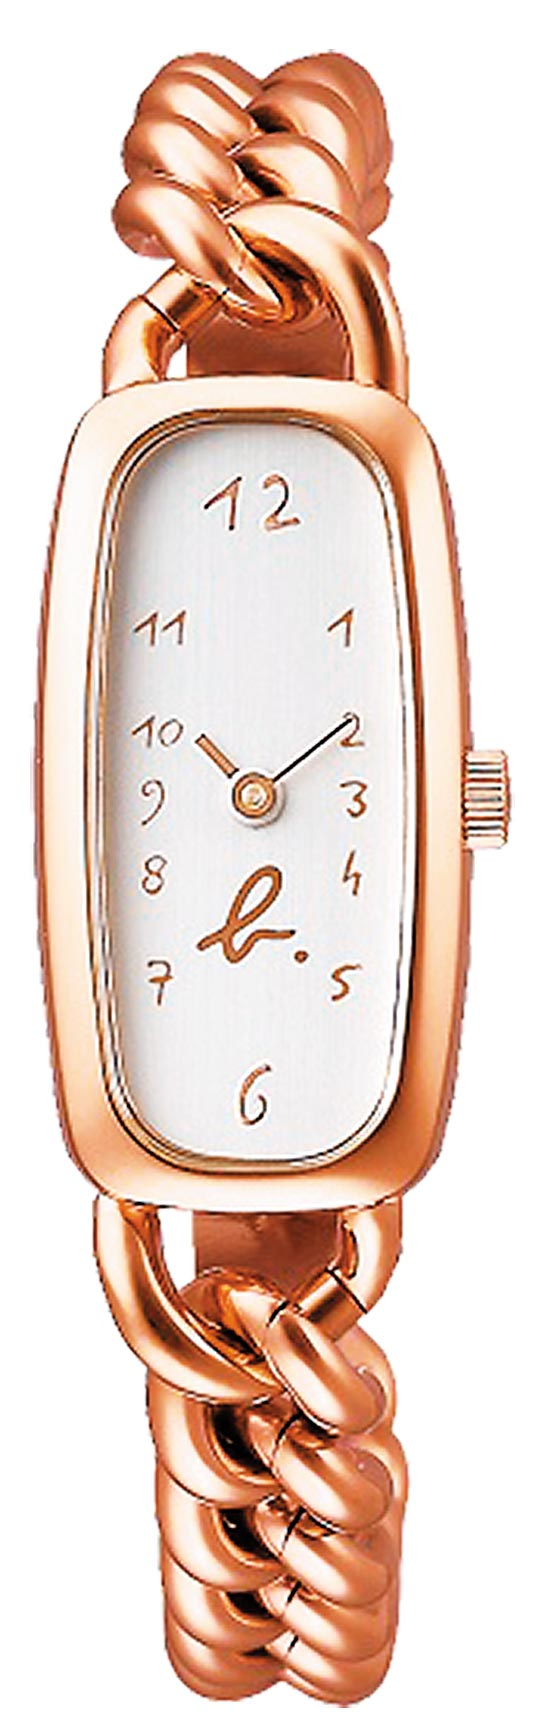 agnes b.復刻30年前掀起流行風潮的修長型表款,玫瑰金款1萬400元。(agnes b.提供)